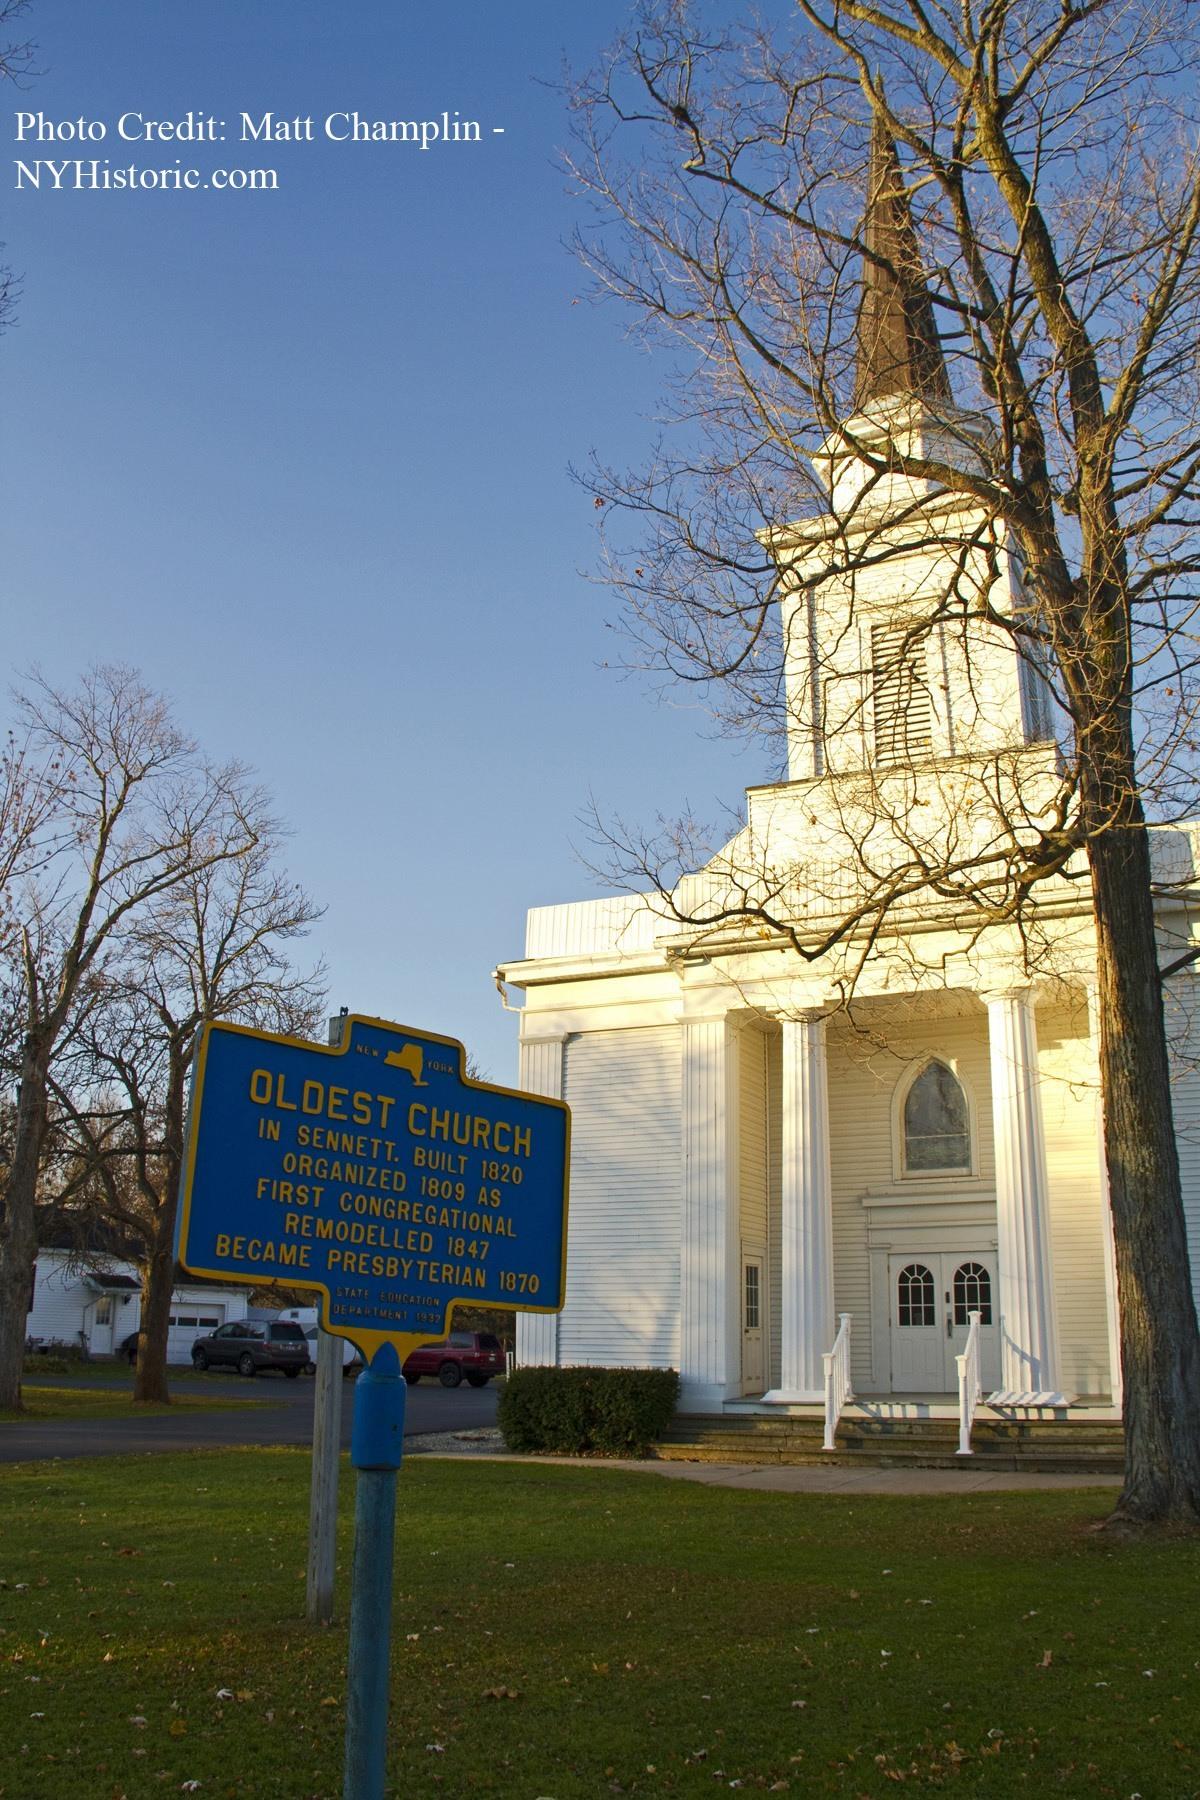 Oldest Church in Sennett